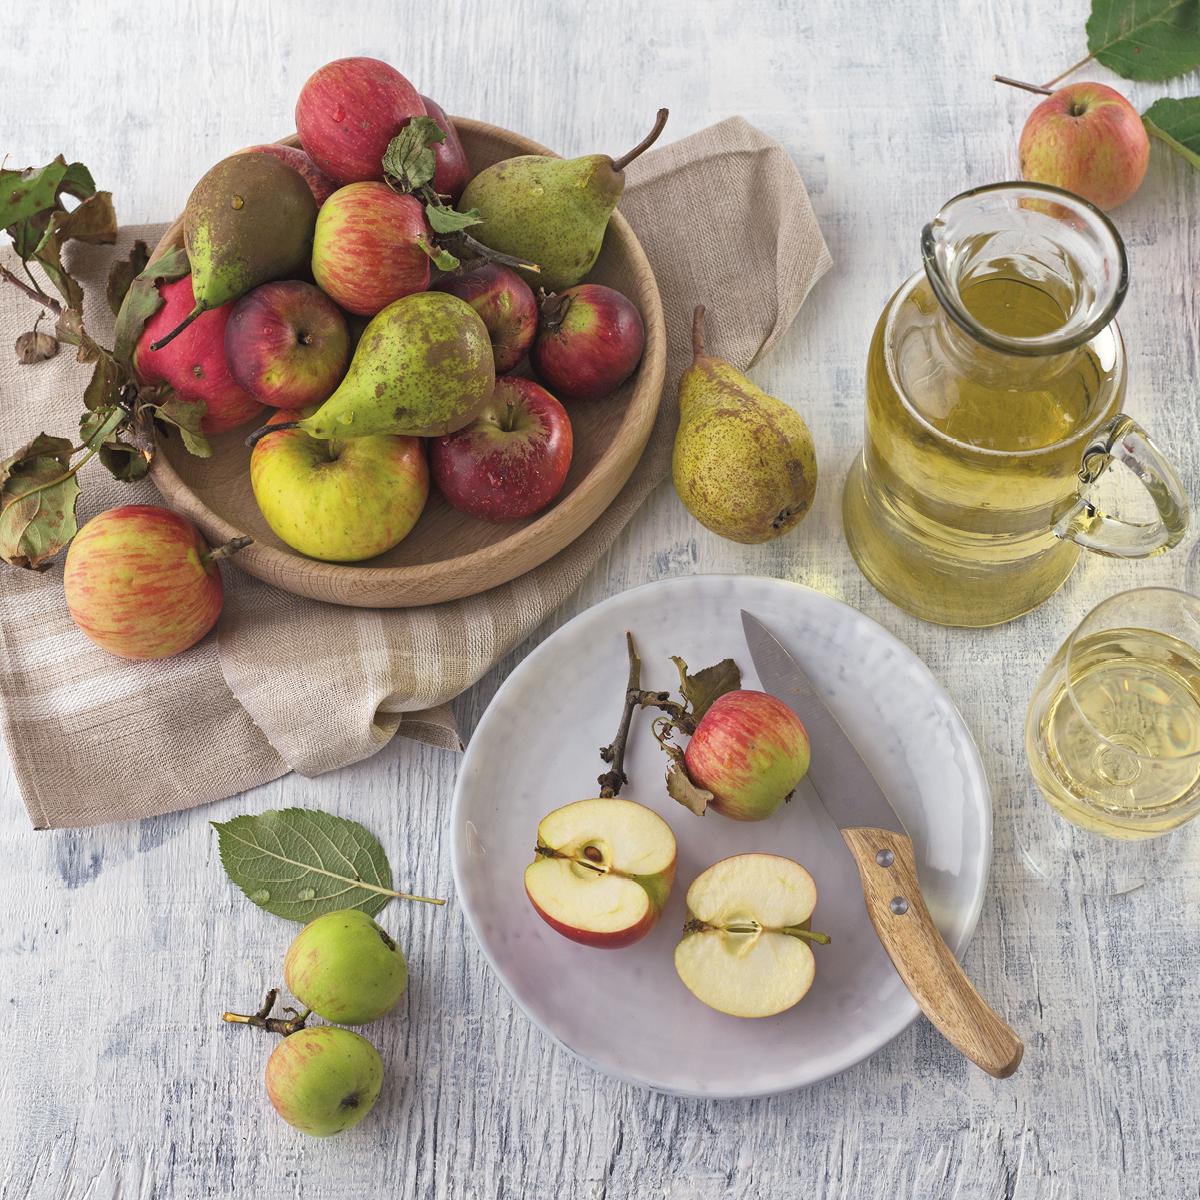 Das Bild zeigt einen Tisch mit Obst und einer Karaffe mit Saft.